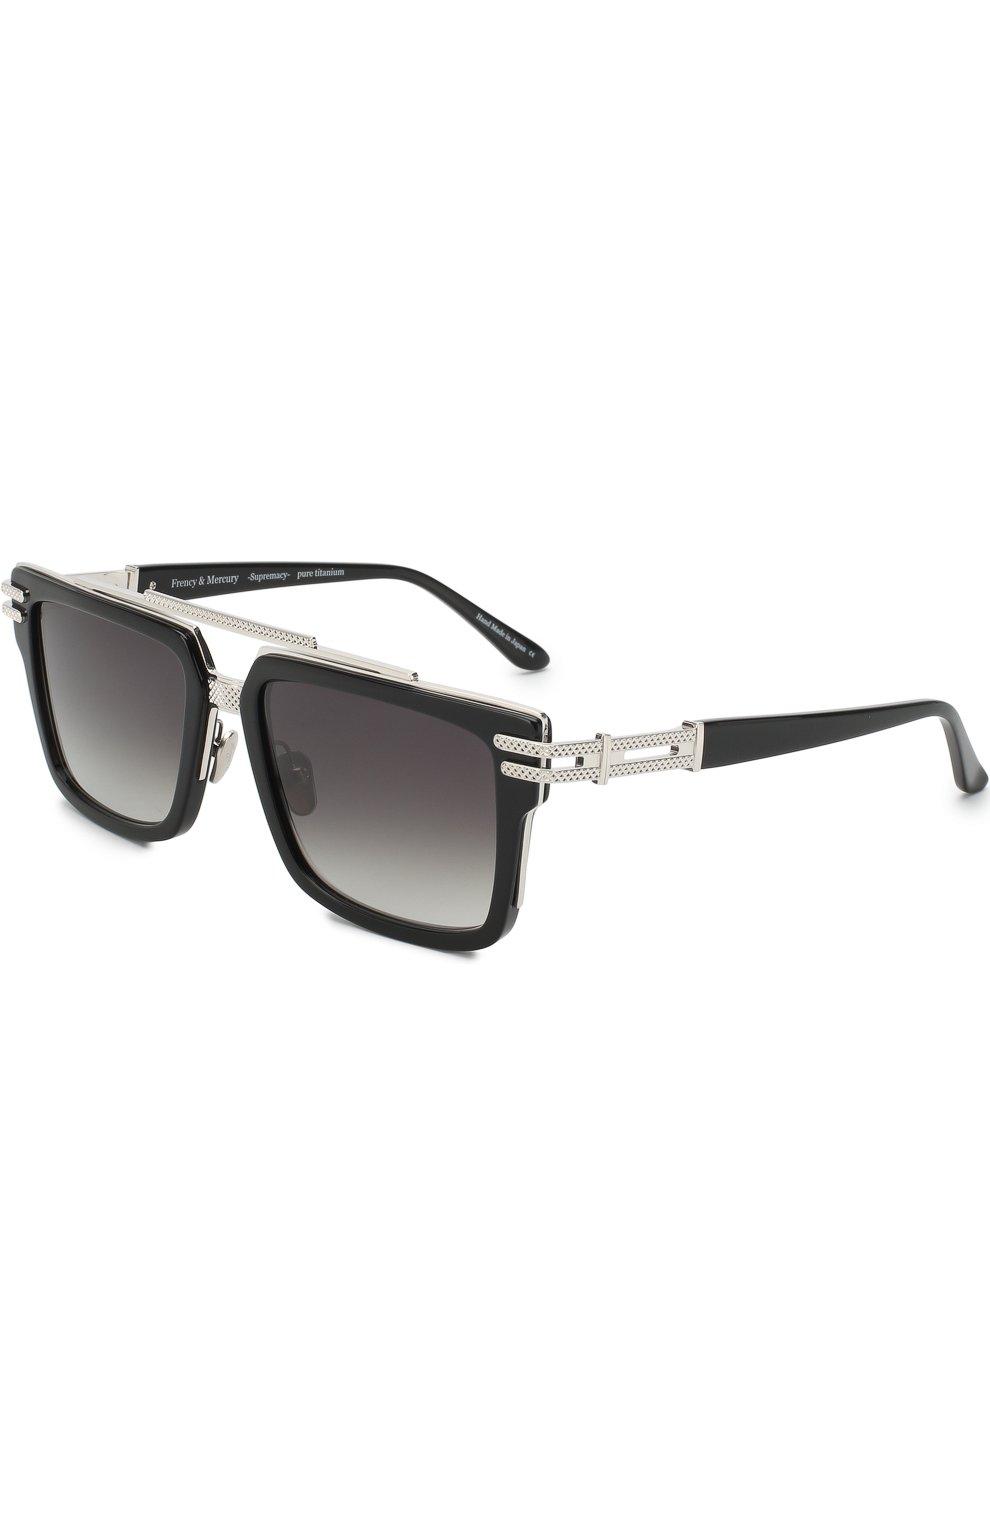 Мужские солнцезащитные очки FRENCY&MERCURY черного цвета, арт. N0RMANDY/ABS SUN | Фото 1 (Тип очков: С/з; Очки форма: Прямоугольные; Оптика Гендер: оптика-мужское)